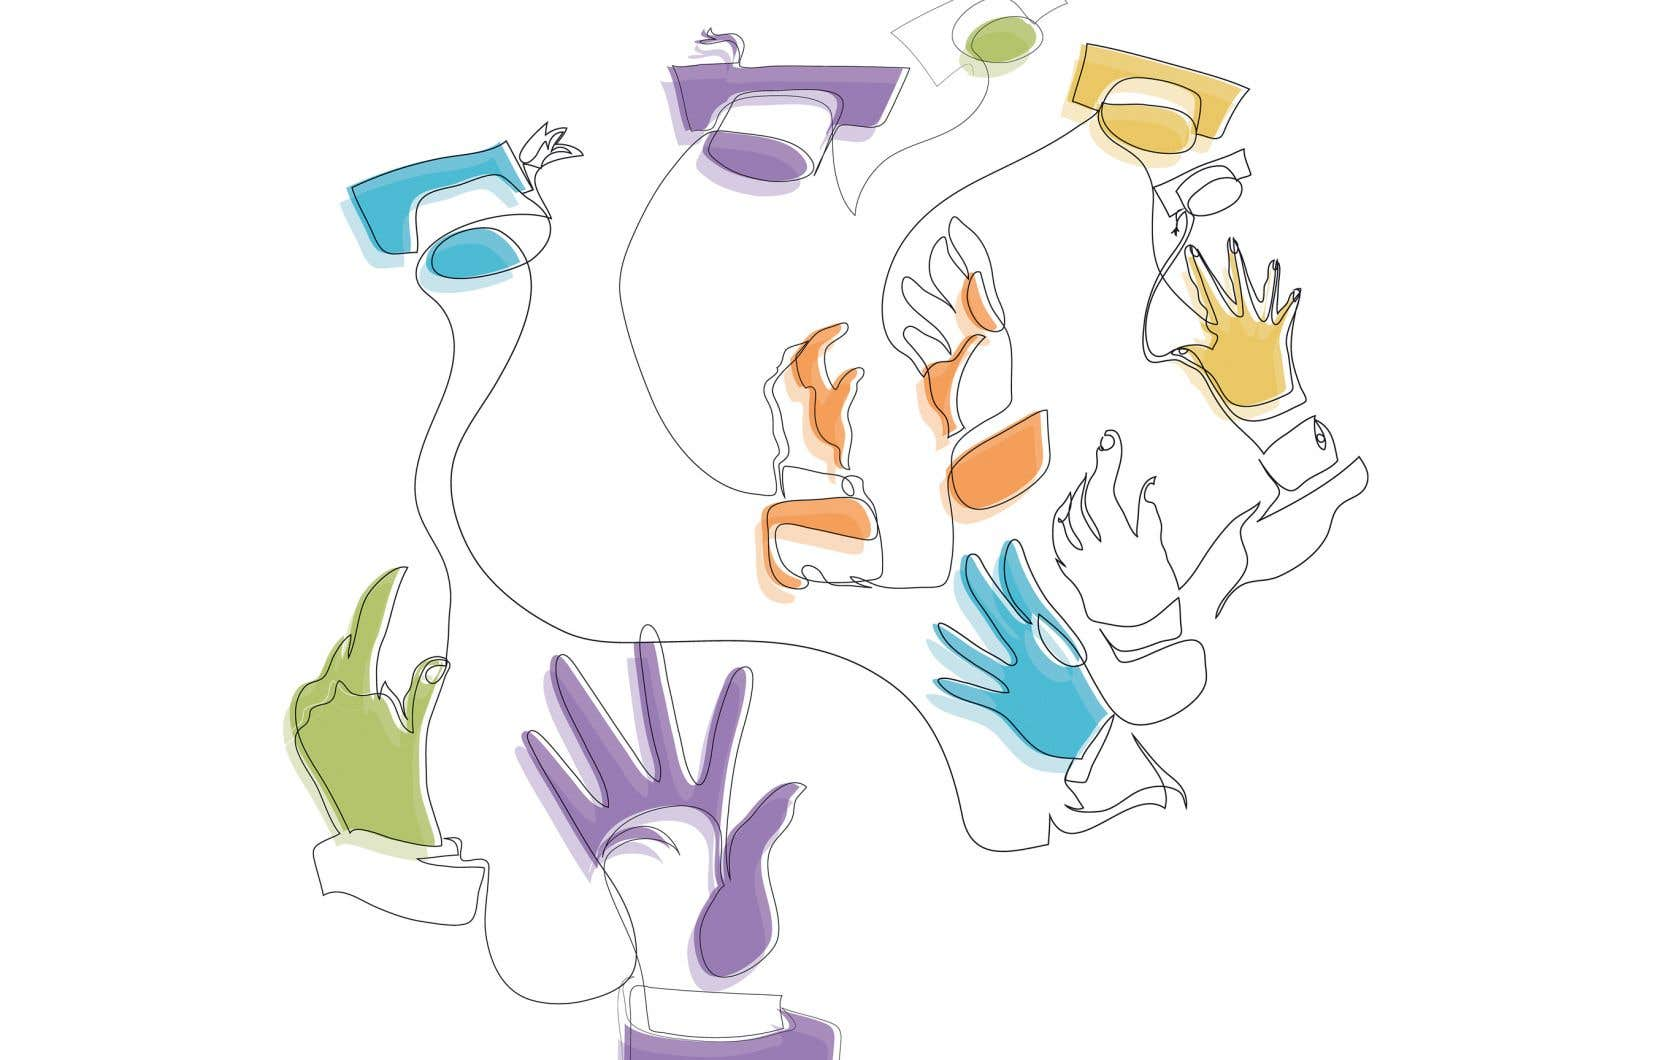 Tous les établissements de l'Association des collèges et universités de la francophonie canadienne (ACUFC) jouent un rôle social fort.